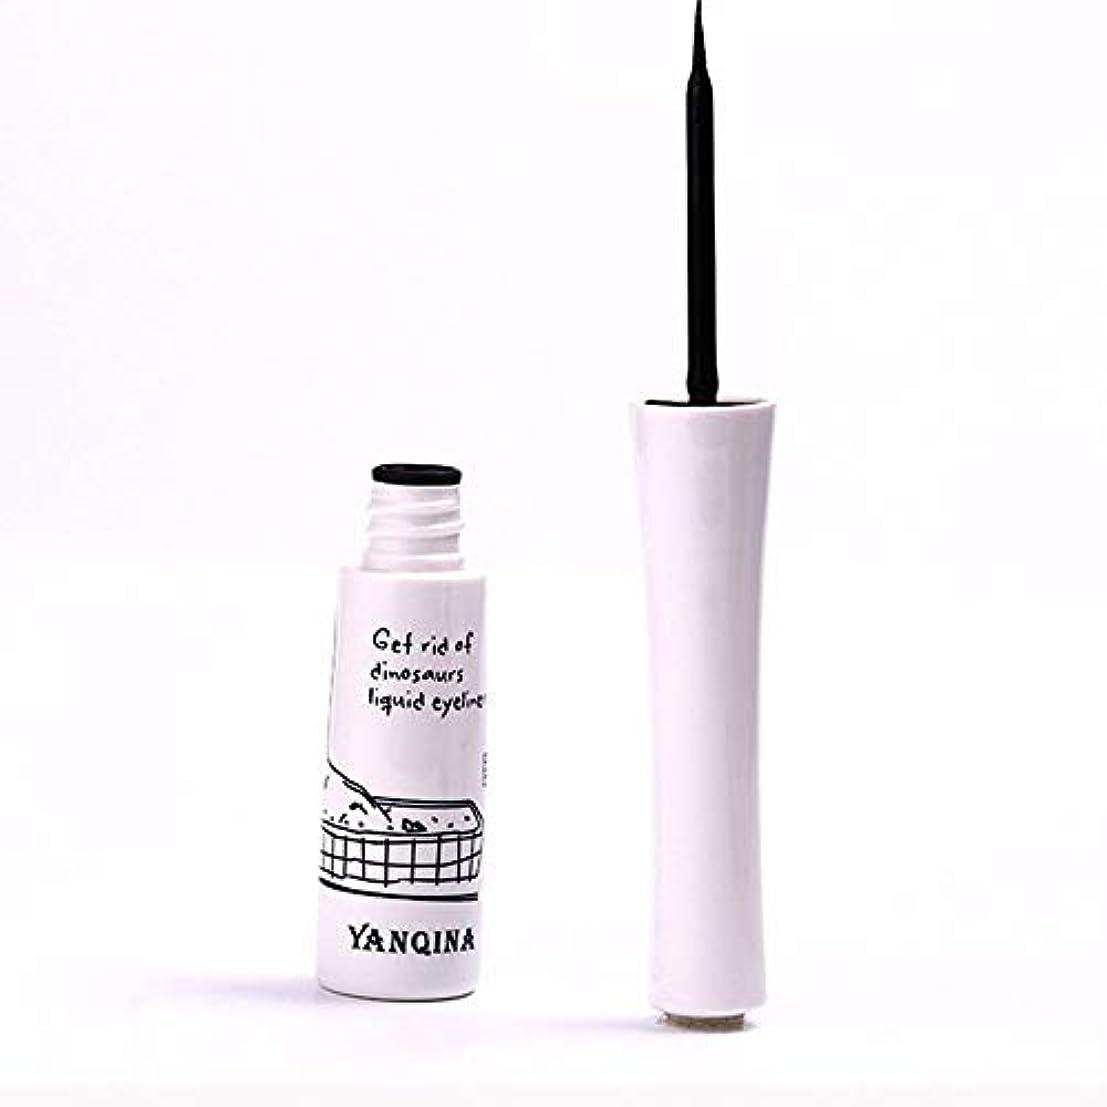 祭司航空機ウェイター黒いアイライナーの防水液体のアイライナーの鉛筆のペンは特徴を構成します